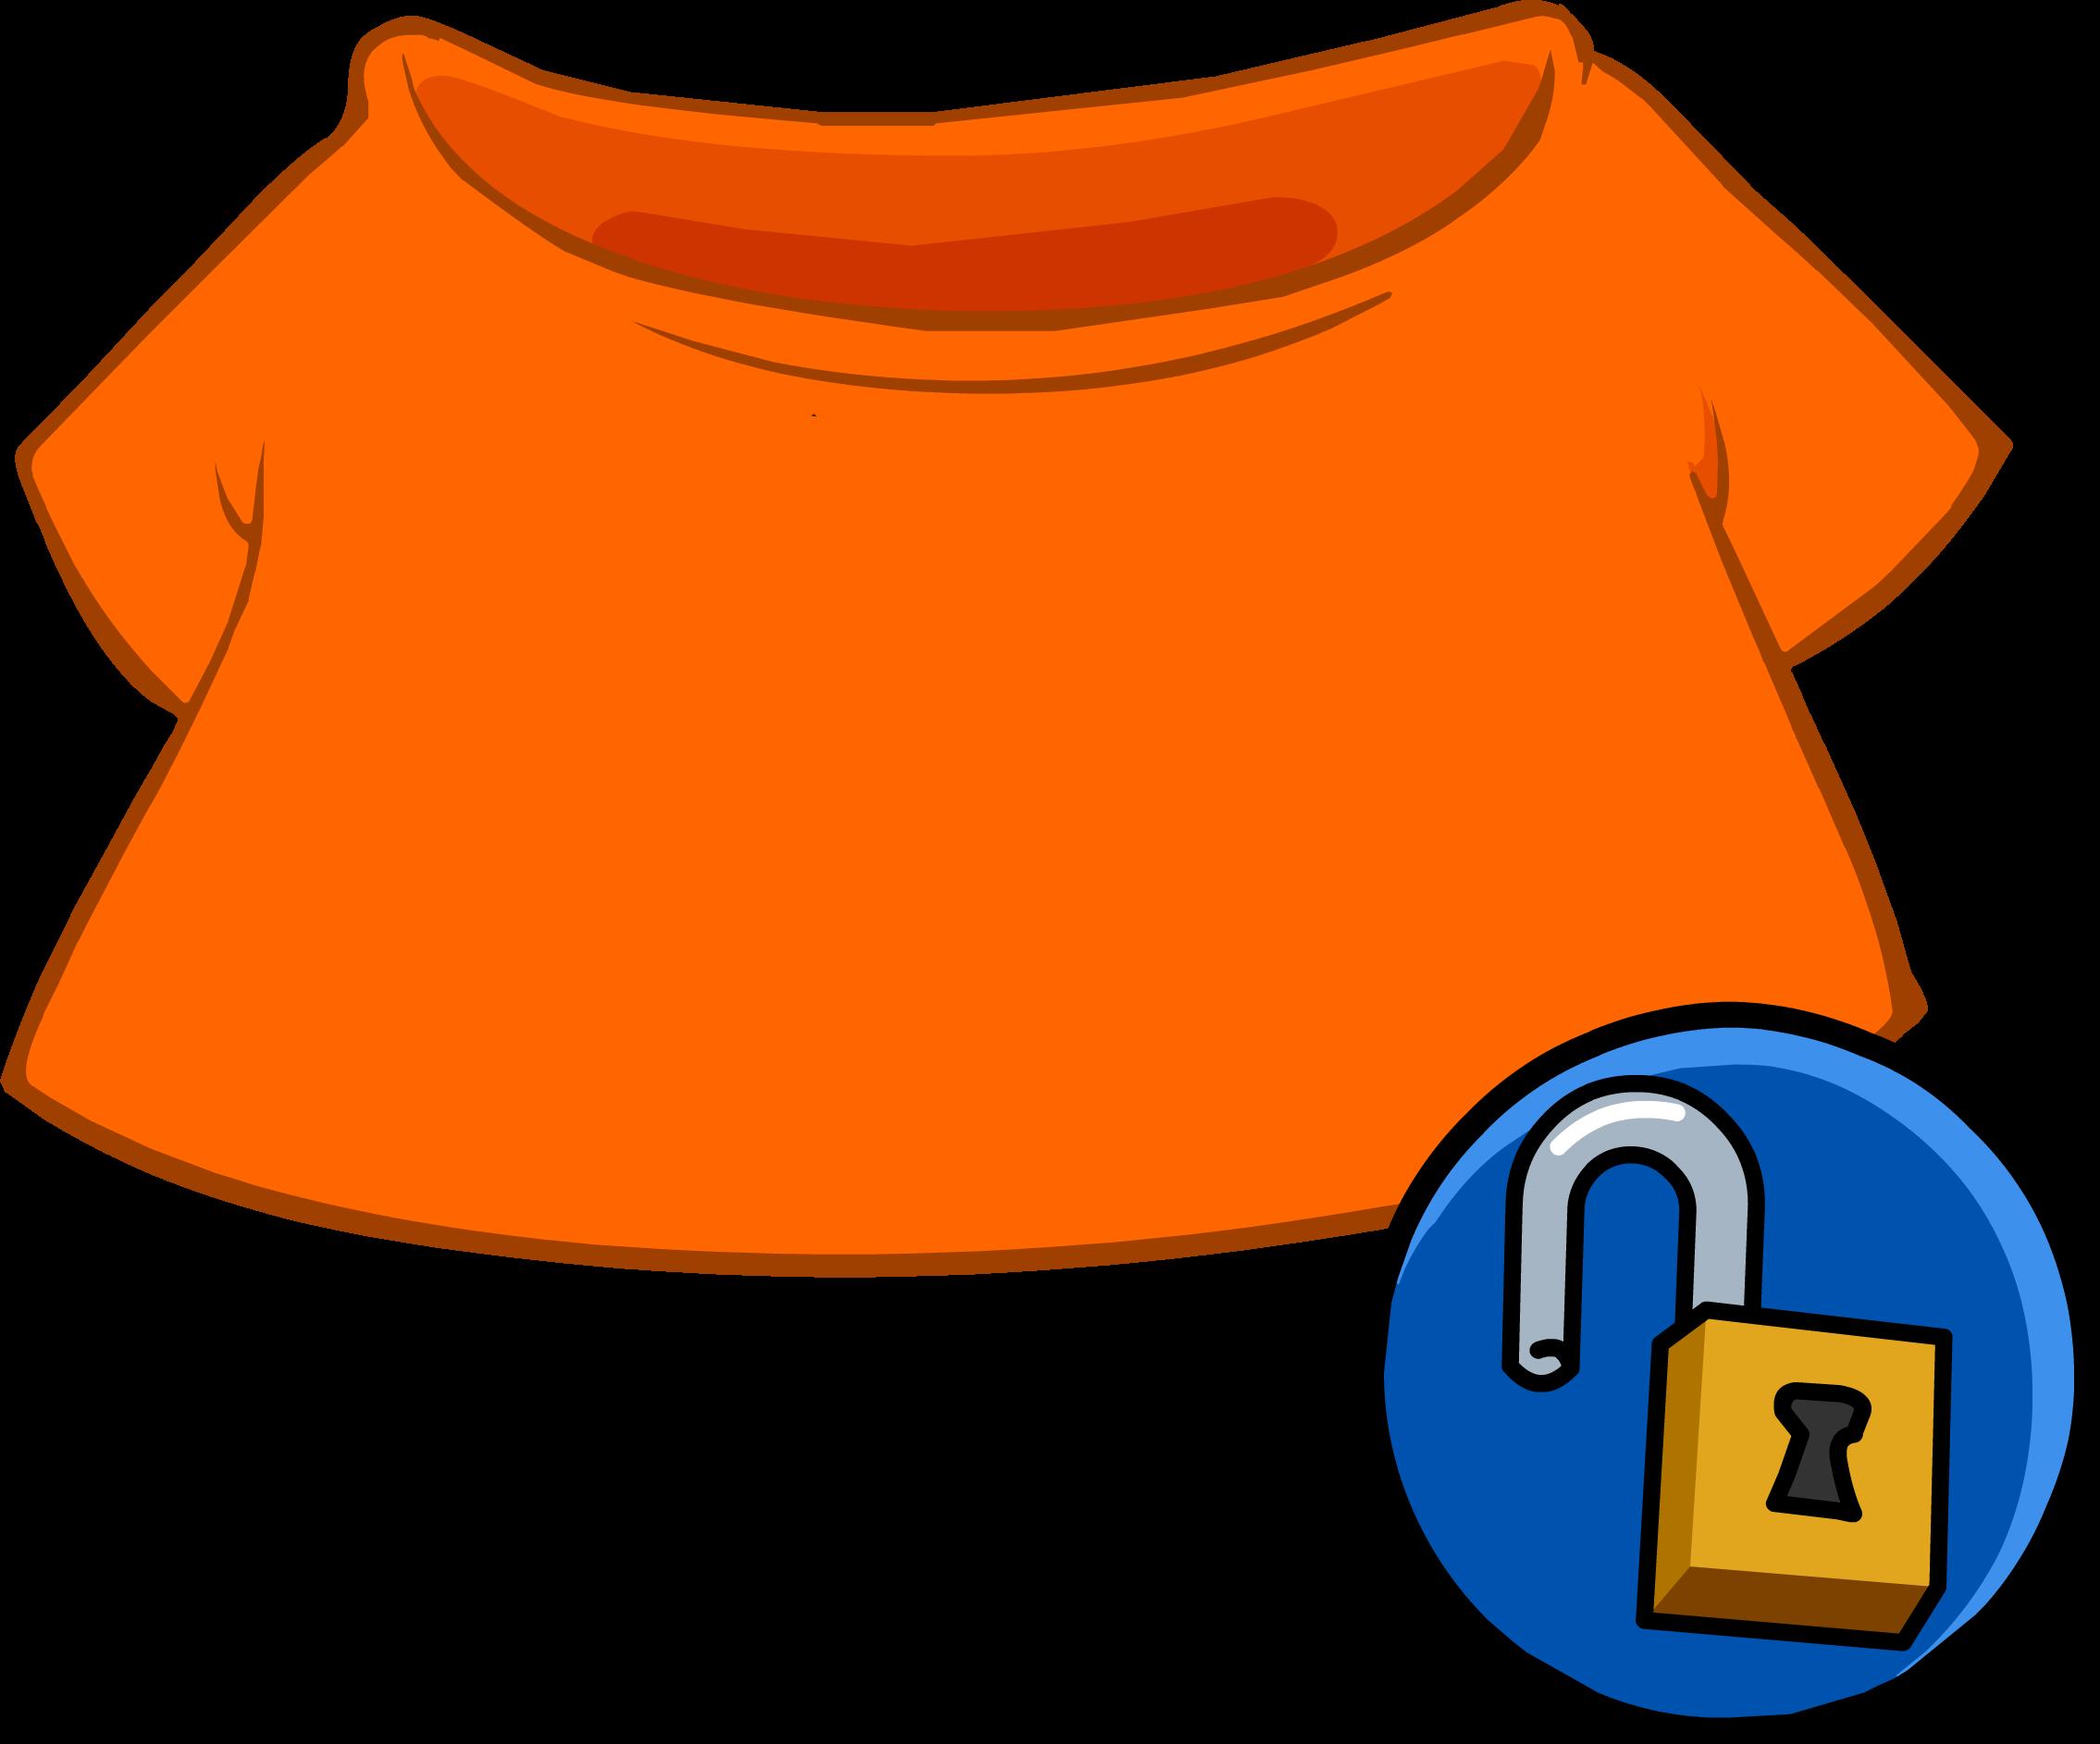 Clipart shirt orange shirt. Be heard campaign club